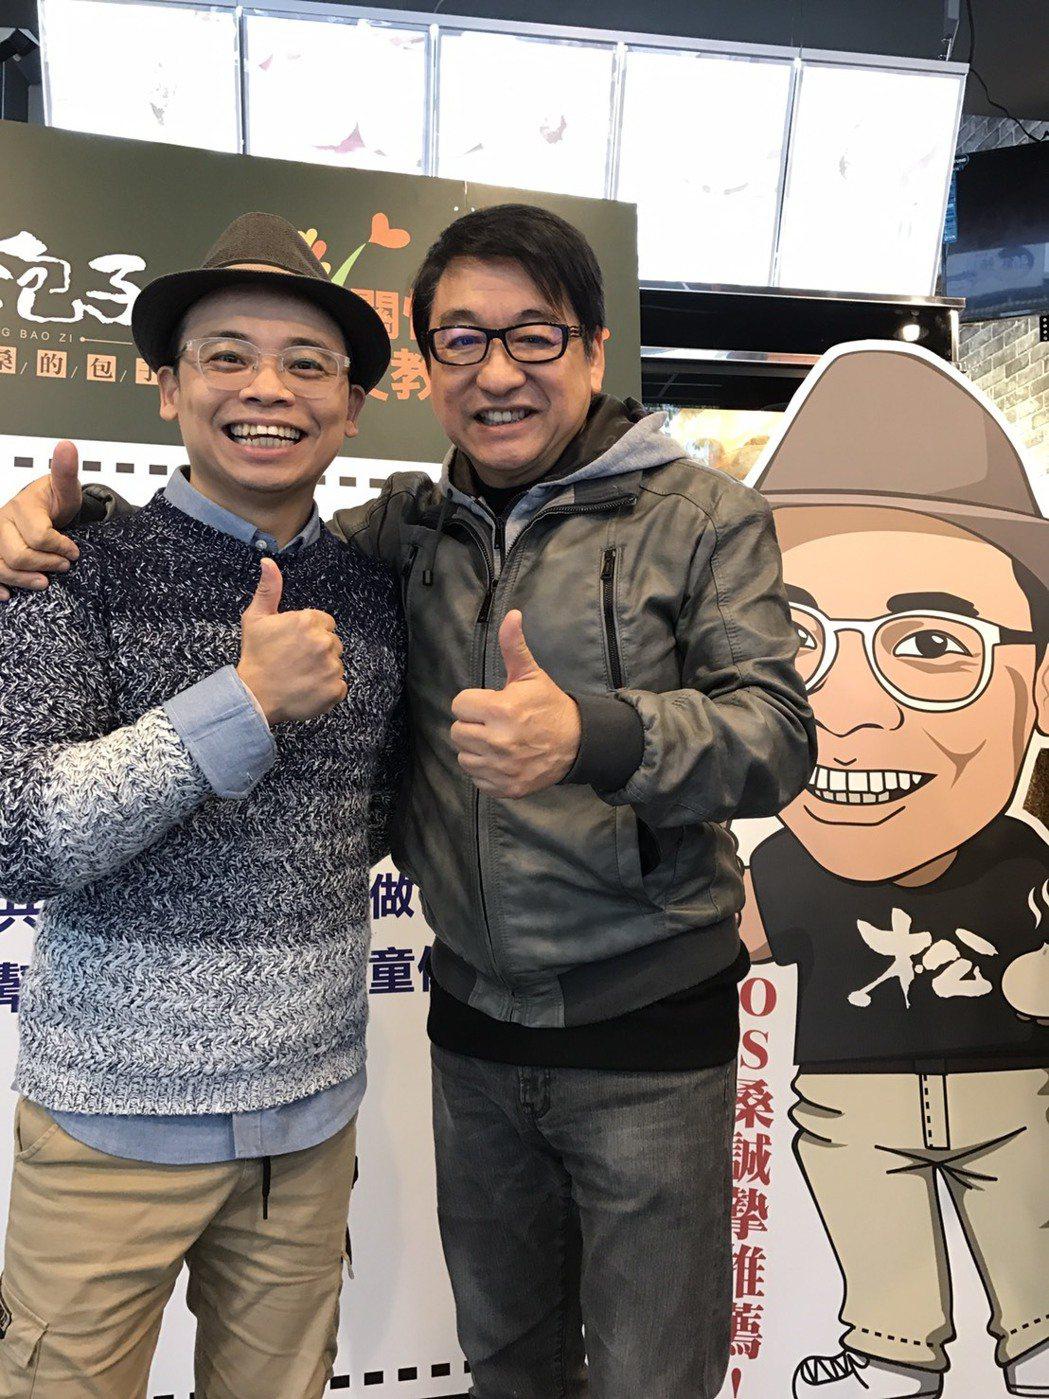 李濤(右)為阿松新開幕的包子店站台,背後有一段故事。記者葉君遠/攝影